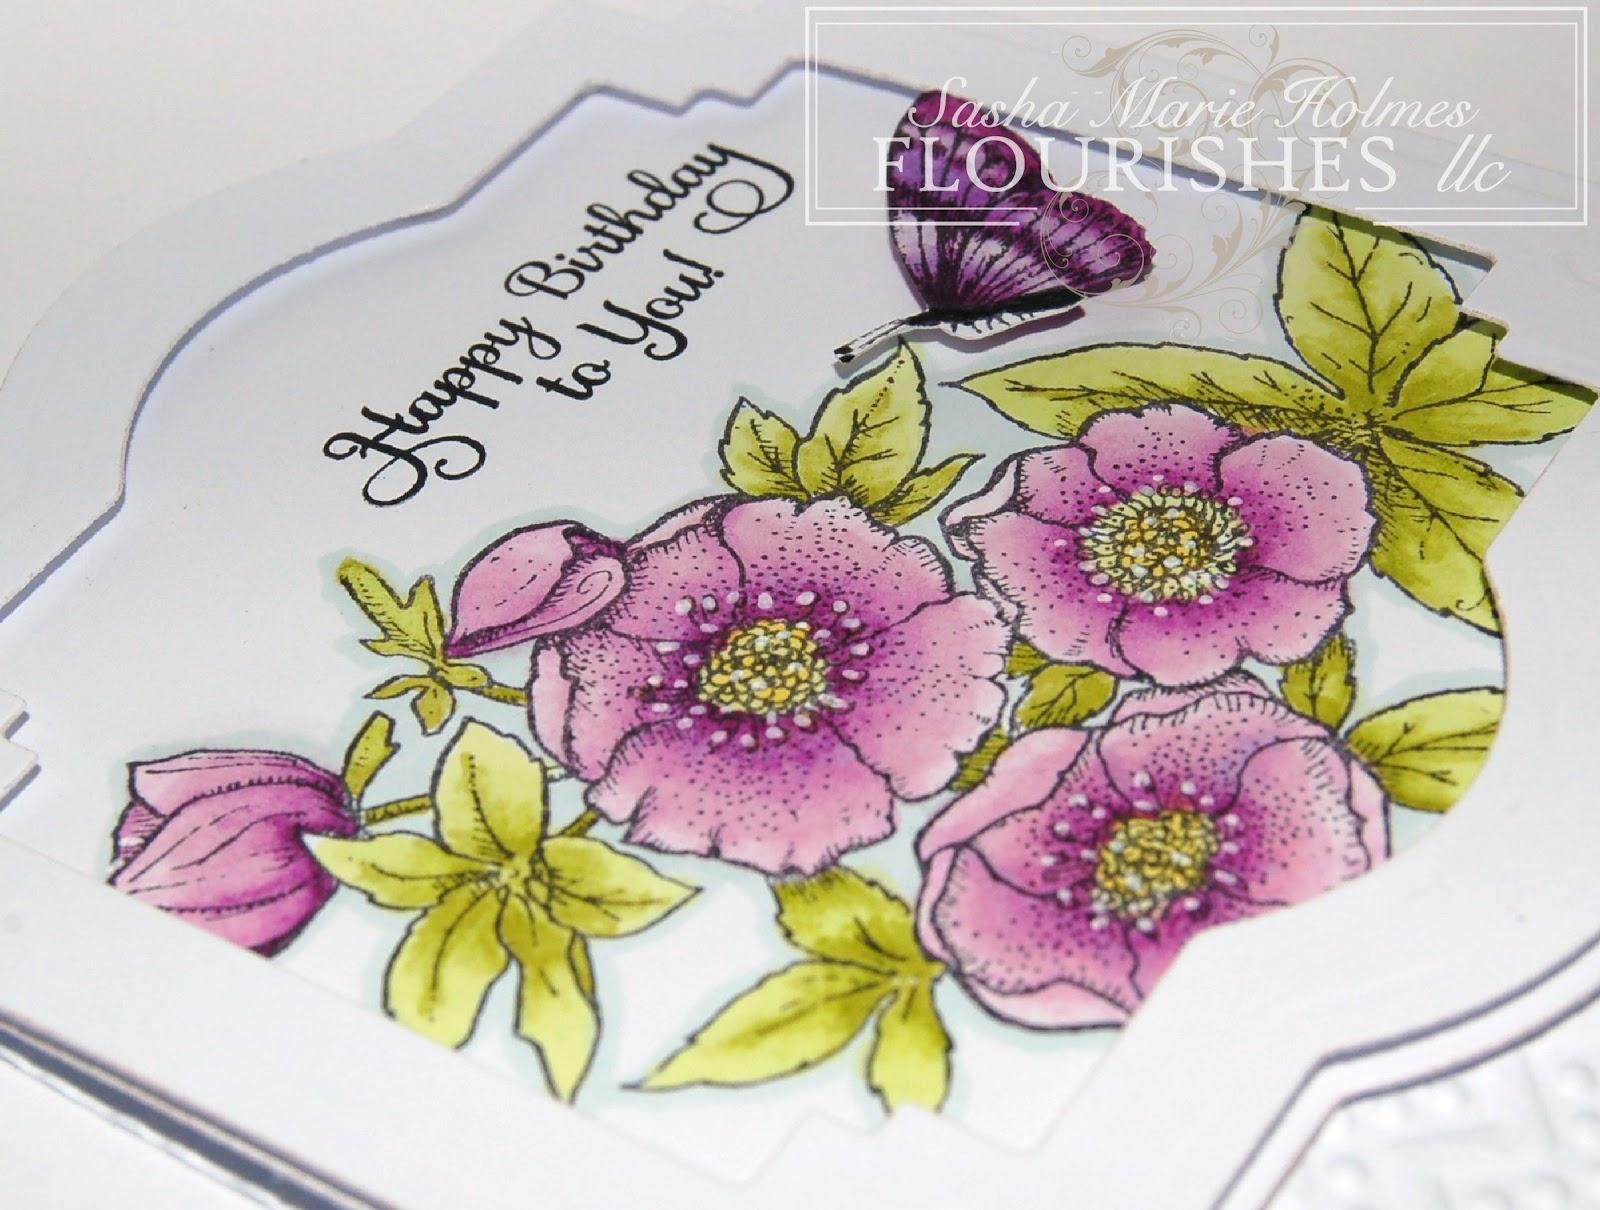 http://1.bp.blogspot.com/-WUwTGCMfdWE/UB1UGnWlYoI/AAAAAAAABCY/X7hm1Phs8Cs/s1600/Image1.jpg